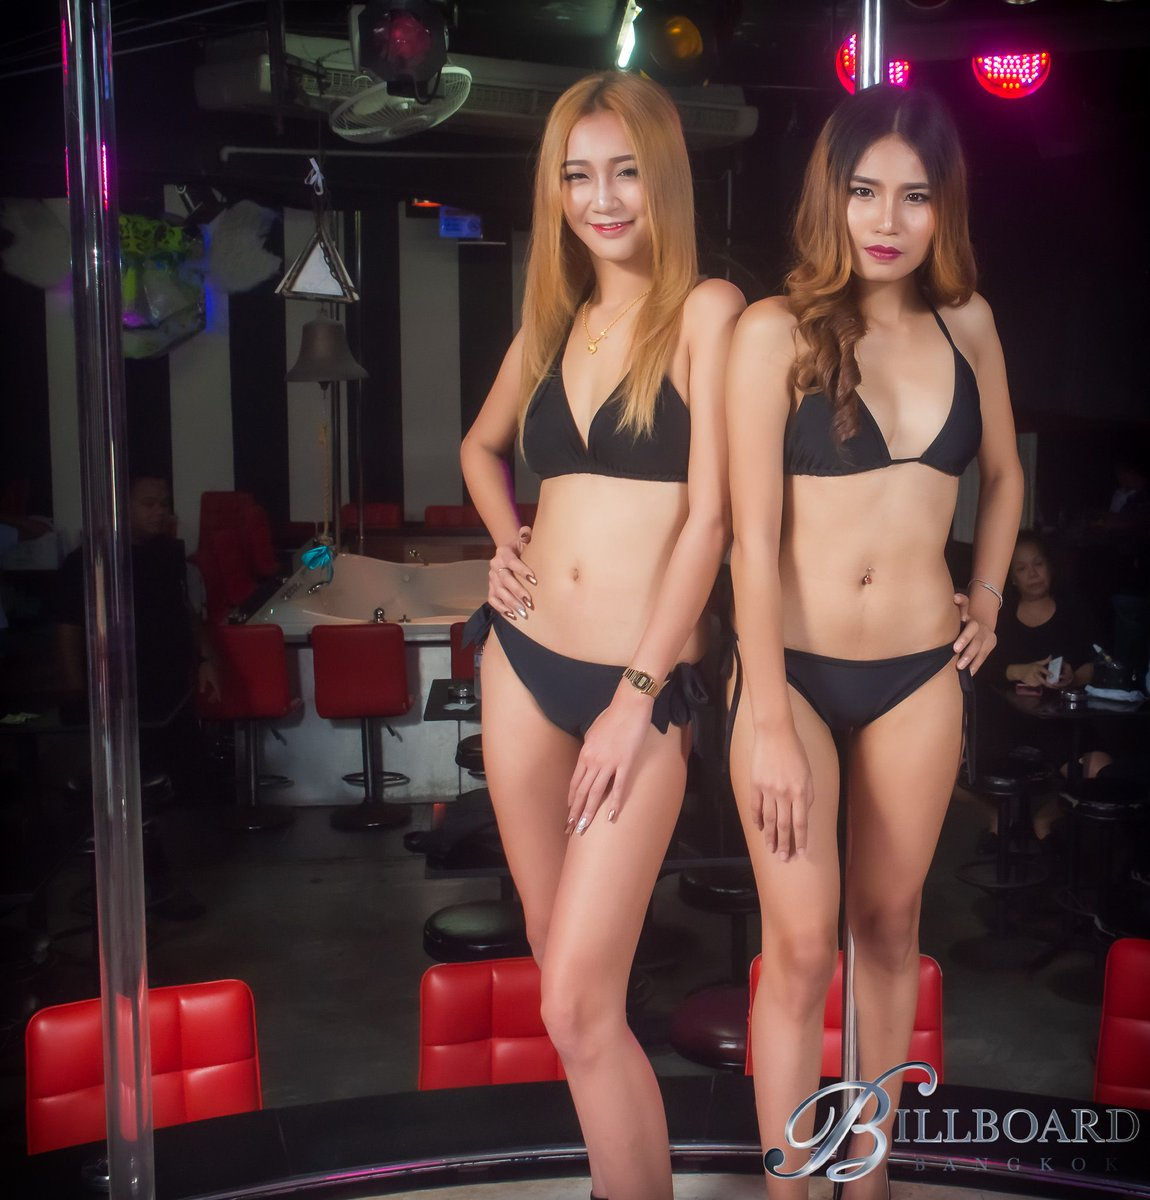 Billboard_BKK photo